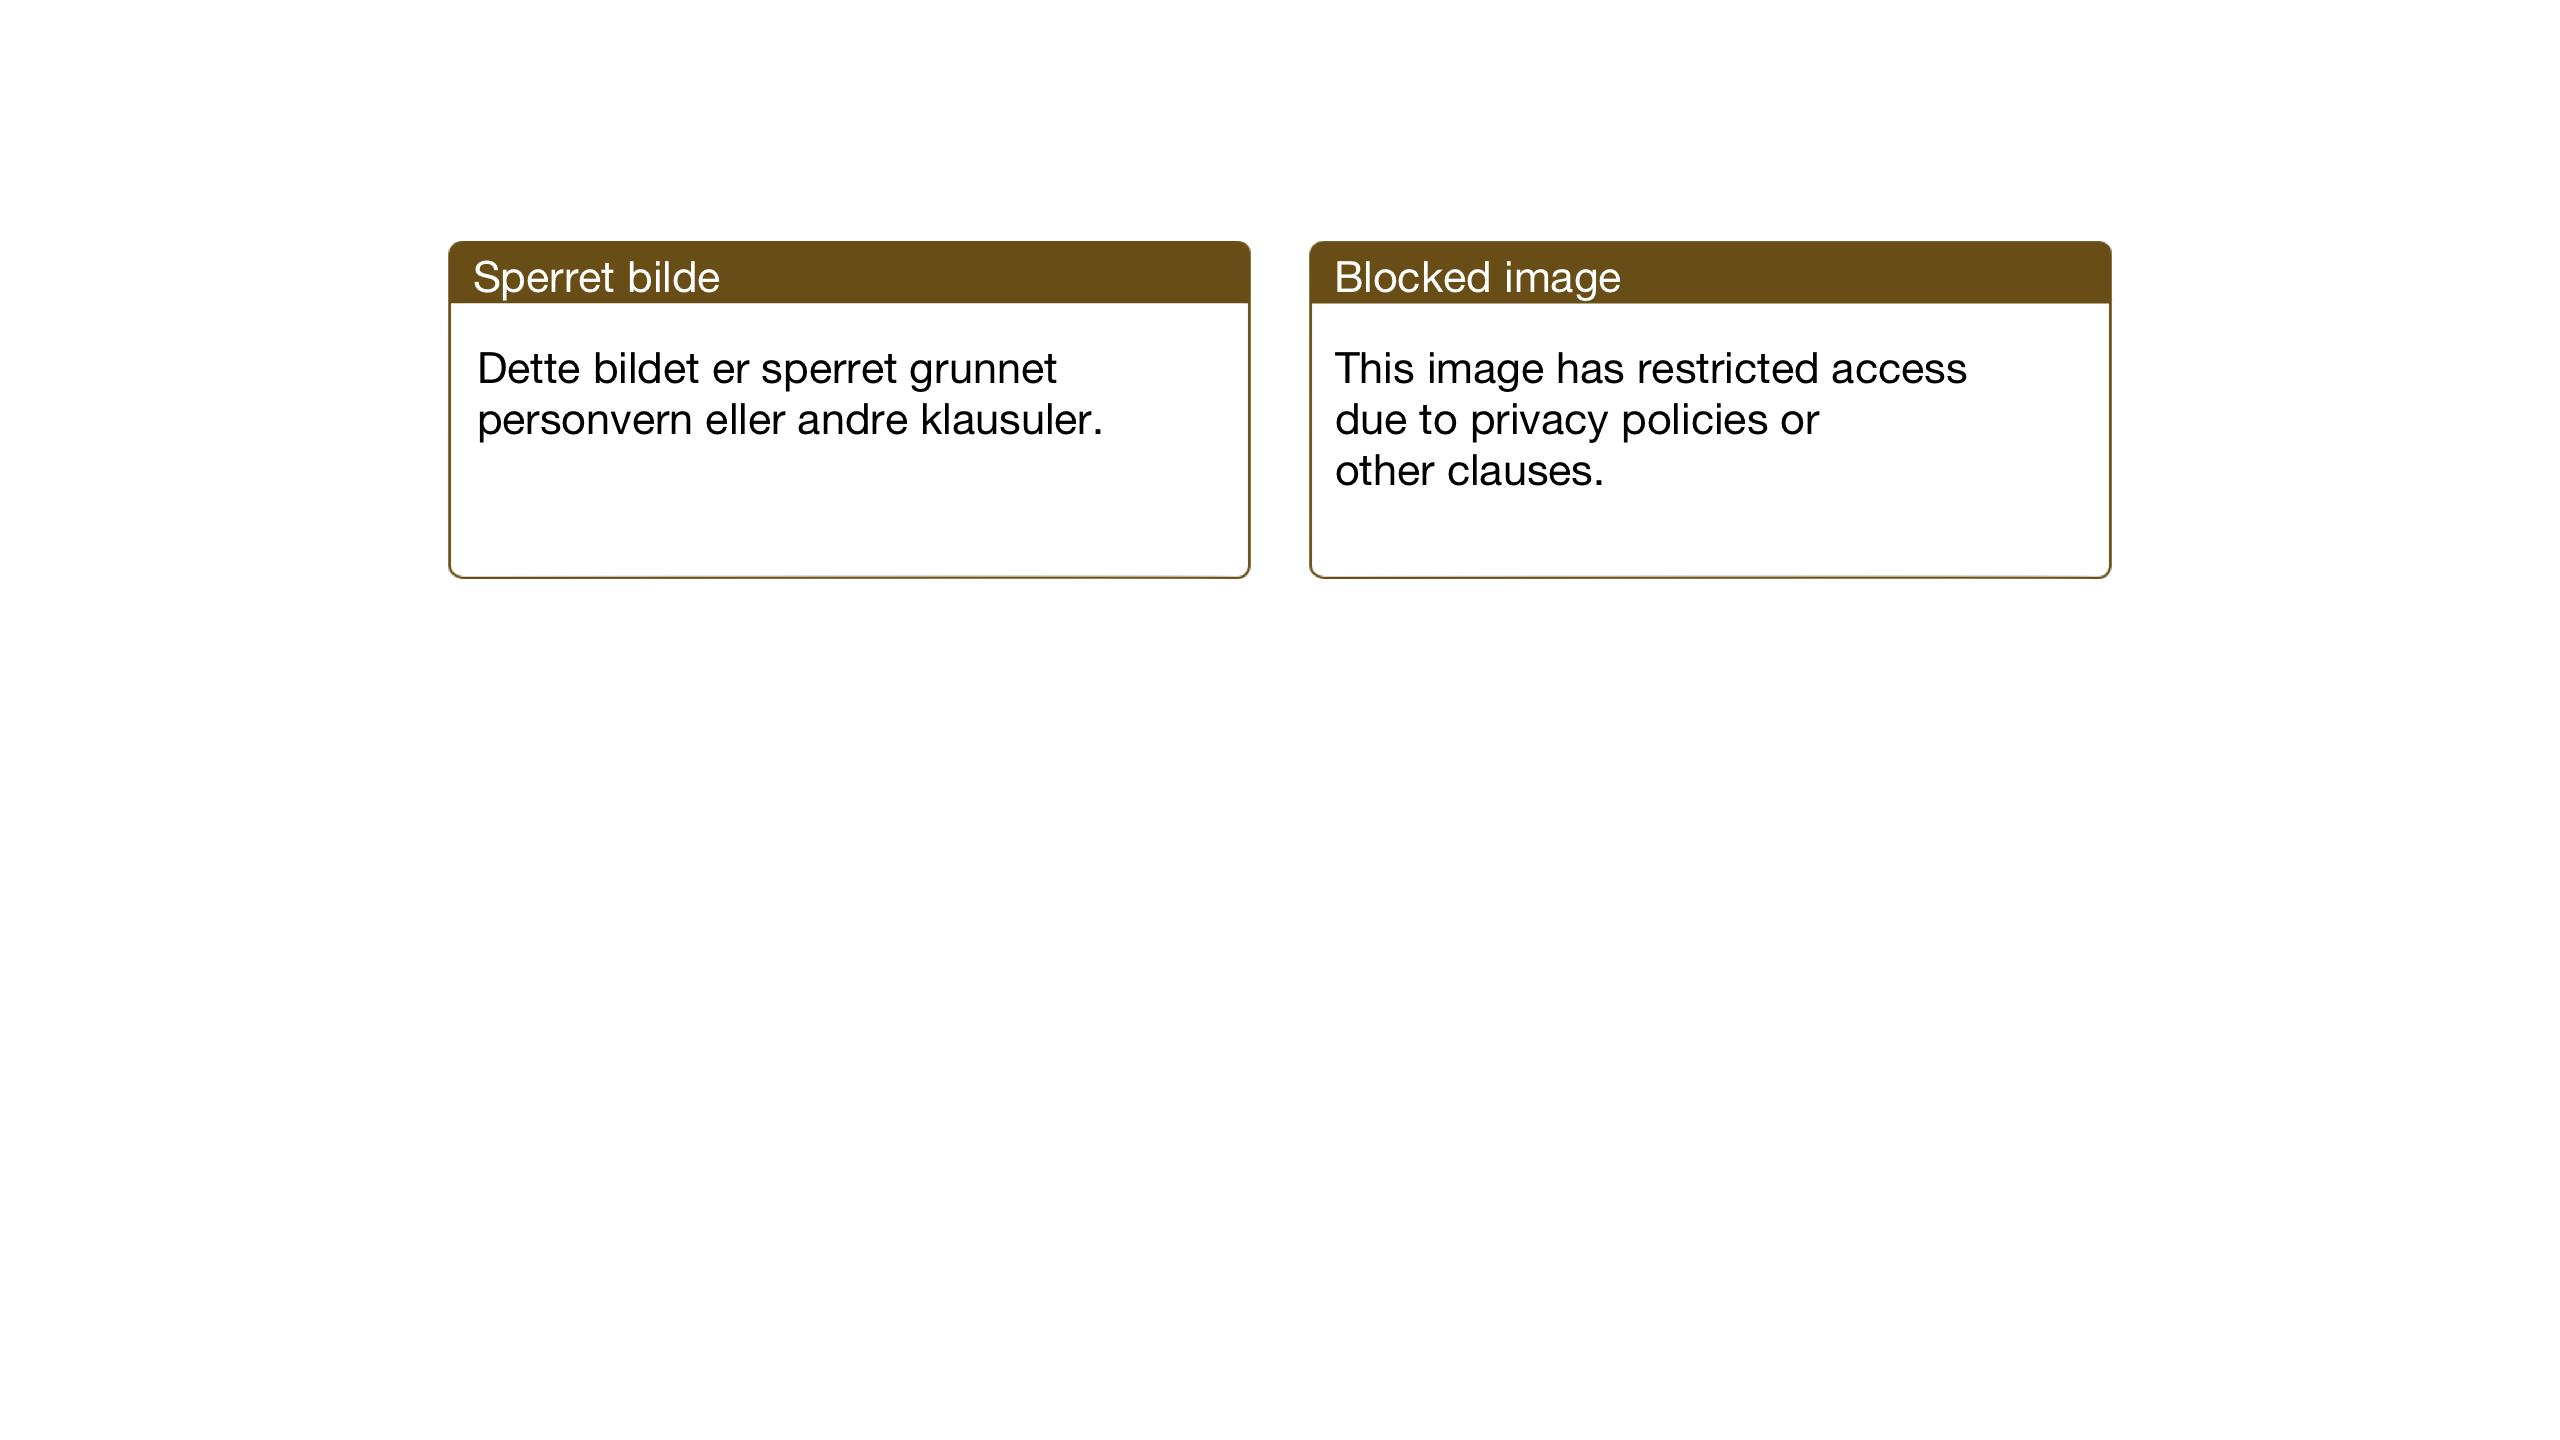 SAT, Ministerialprotokoller, klokkerbøker og fødselsregistre - Sør-Trøndelag, 630/L0508: Klokkerbok nr. 630C06, 1933-1950, s. 222